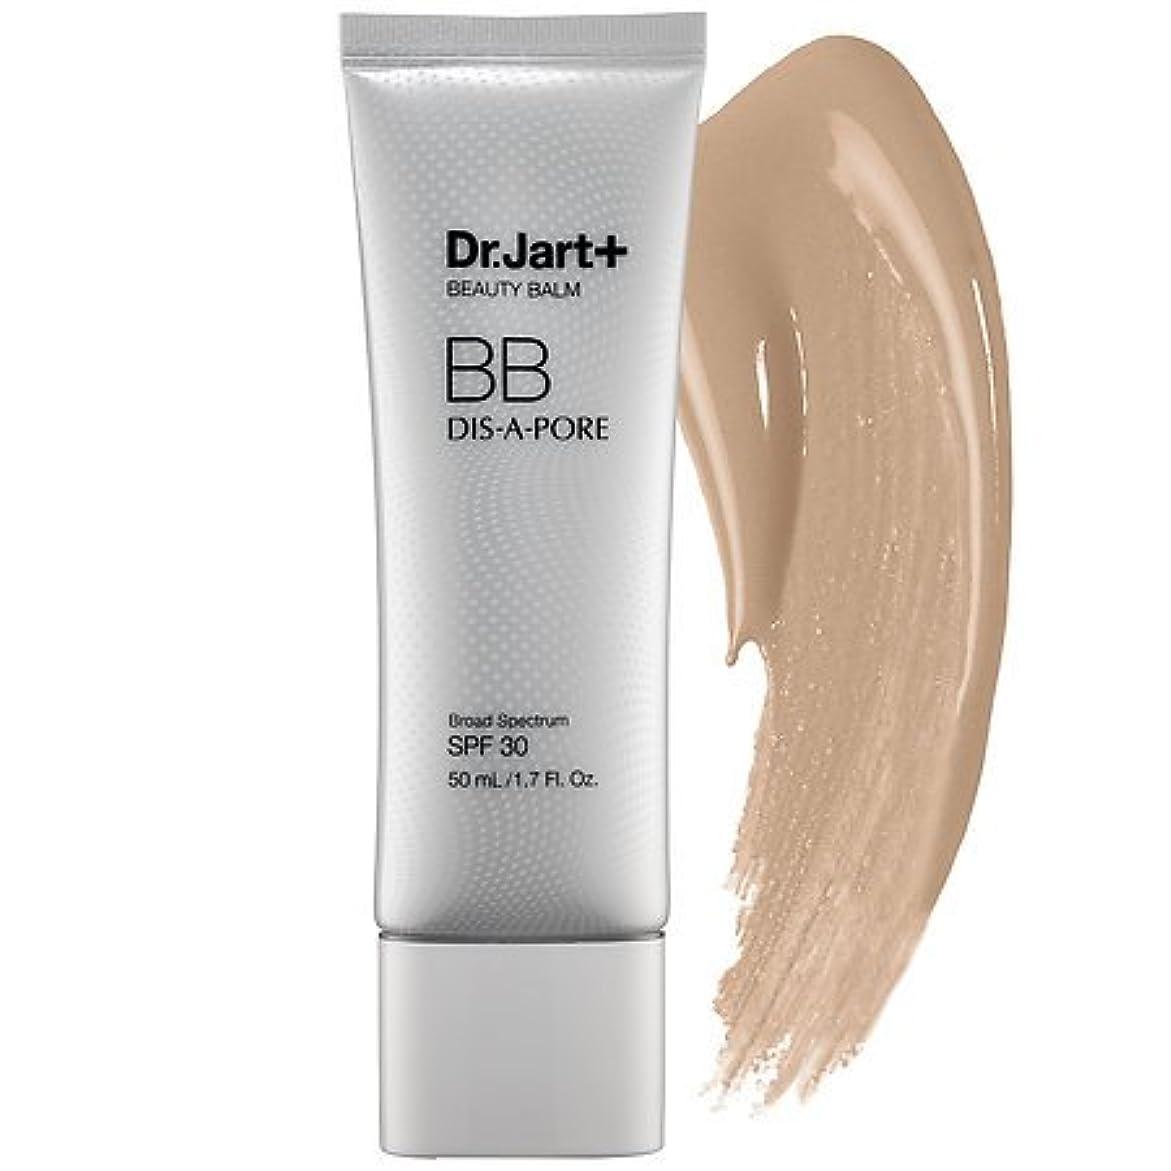 原油美徳リレーDr.Jart+ Dis-A-Pore Beauty Balm SPF30_1.7oz [02 Medium-Deep] …